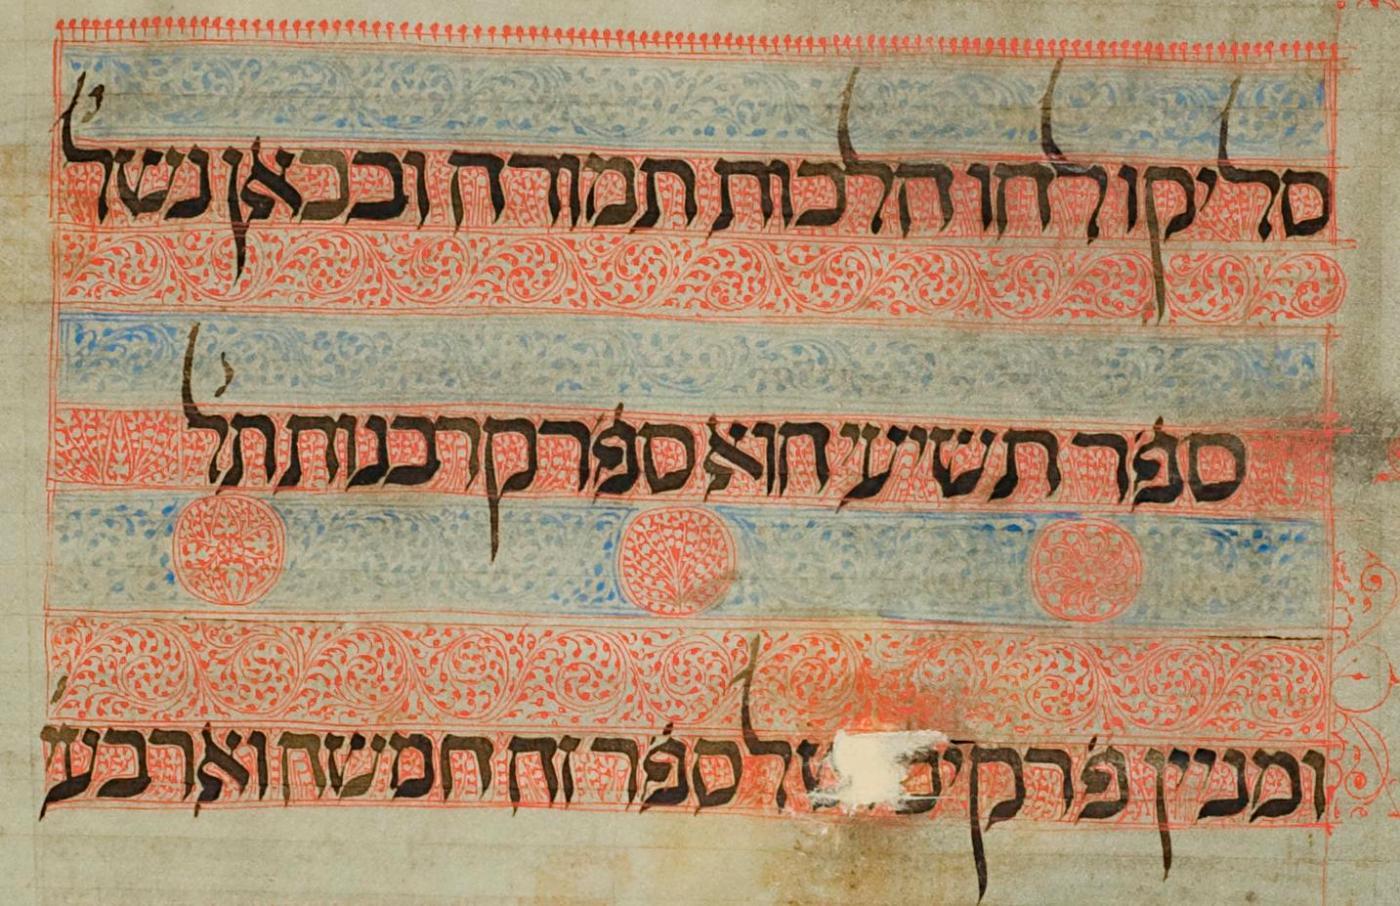 Pergamena ebraica (frammento dai Registri dell'Archivio Capitolare)